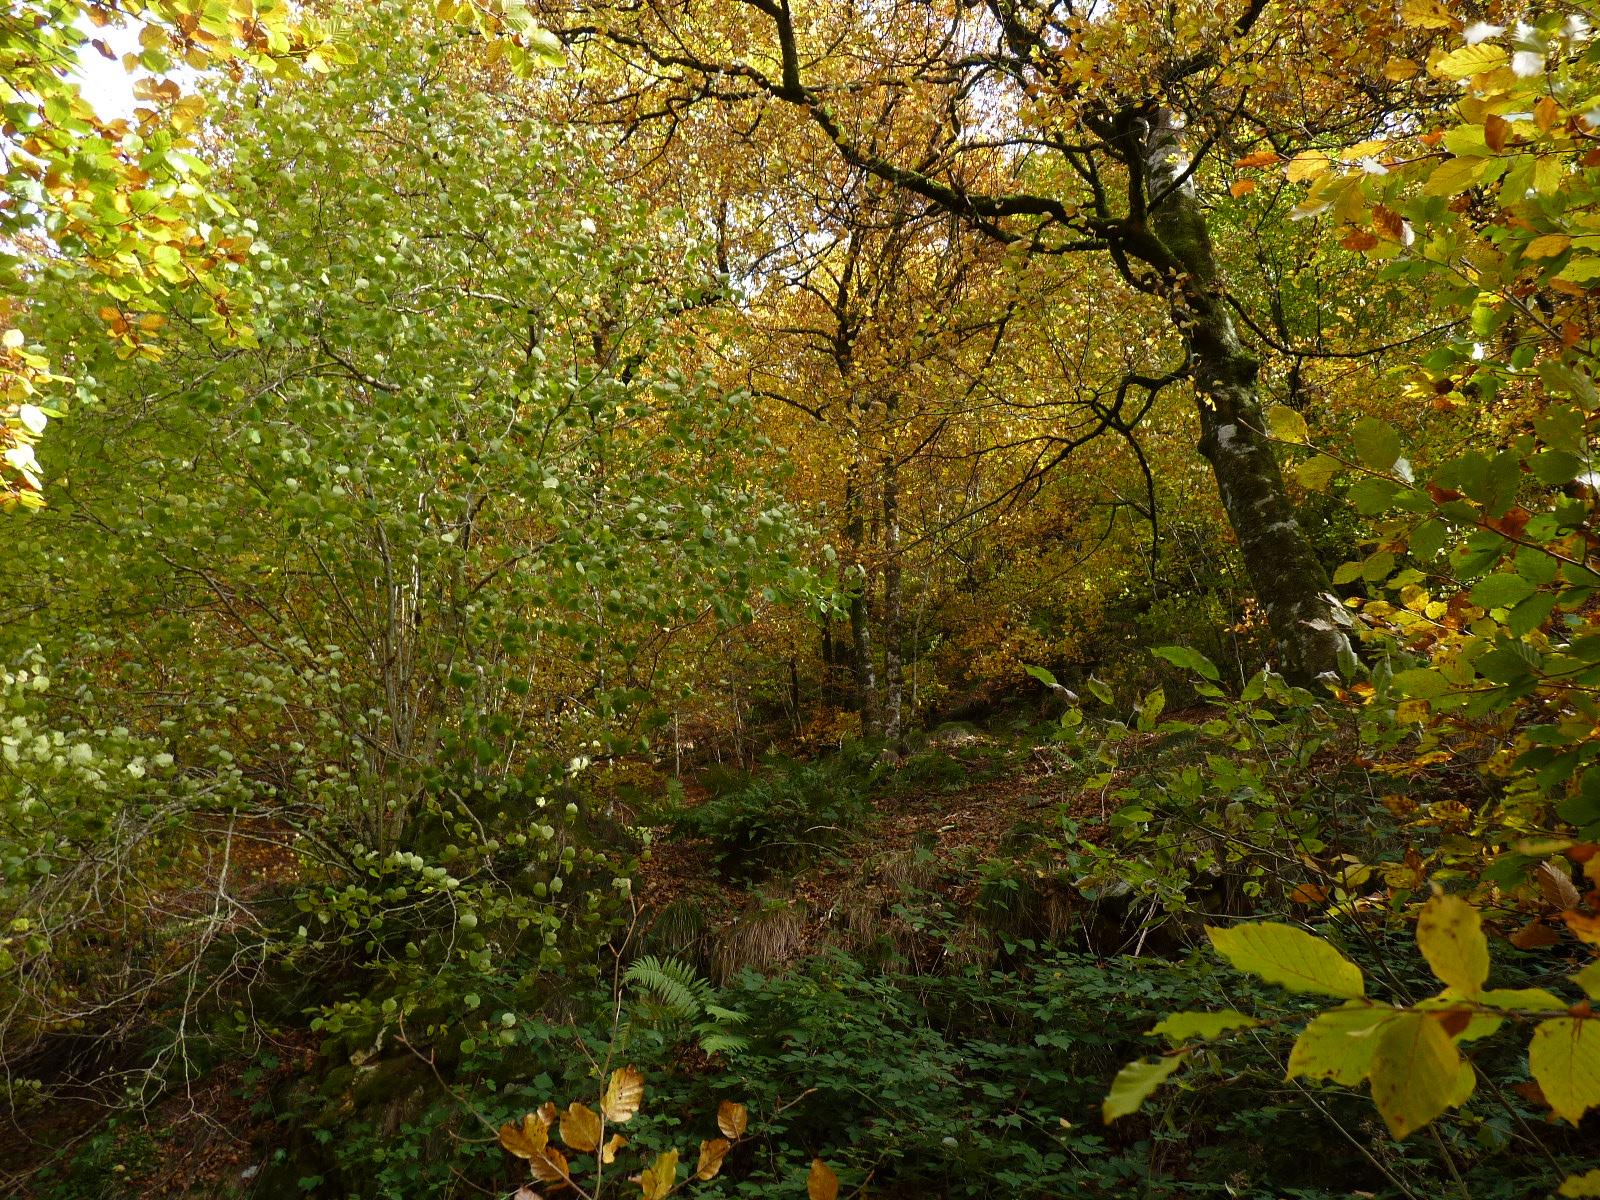 el bosque siempre mágico